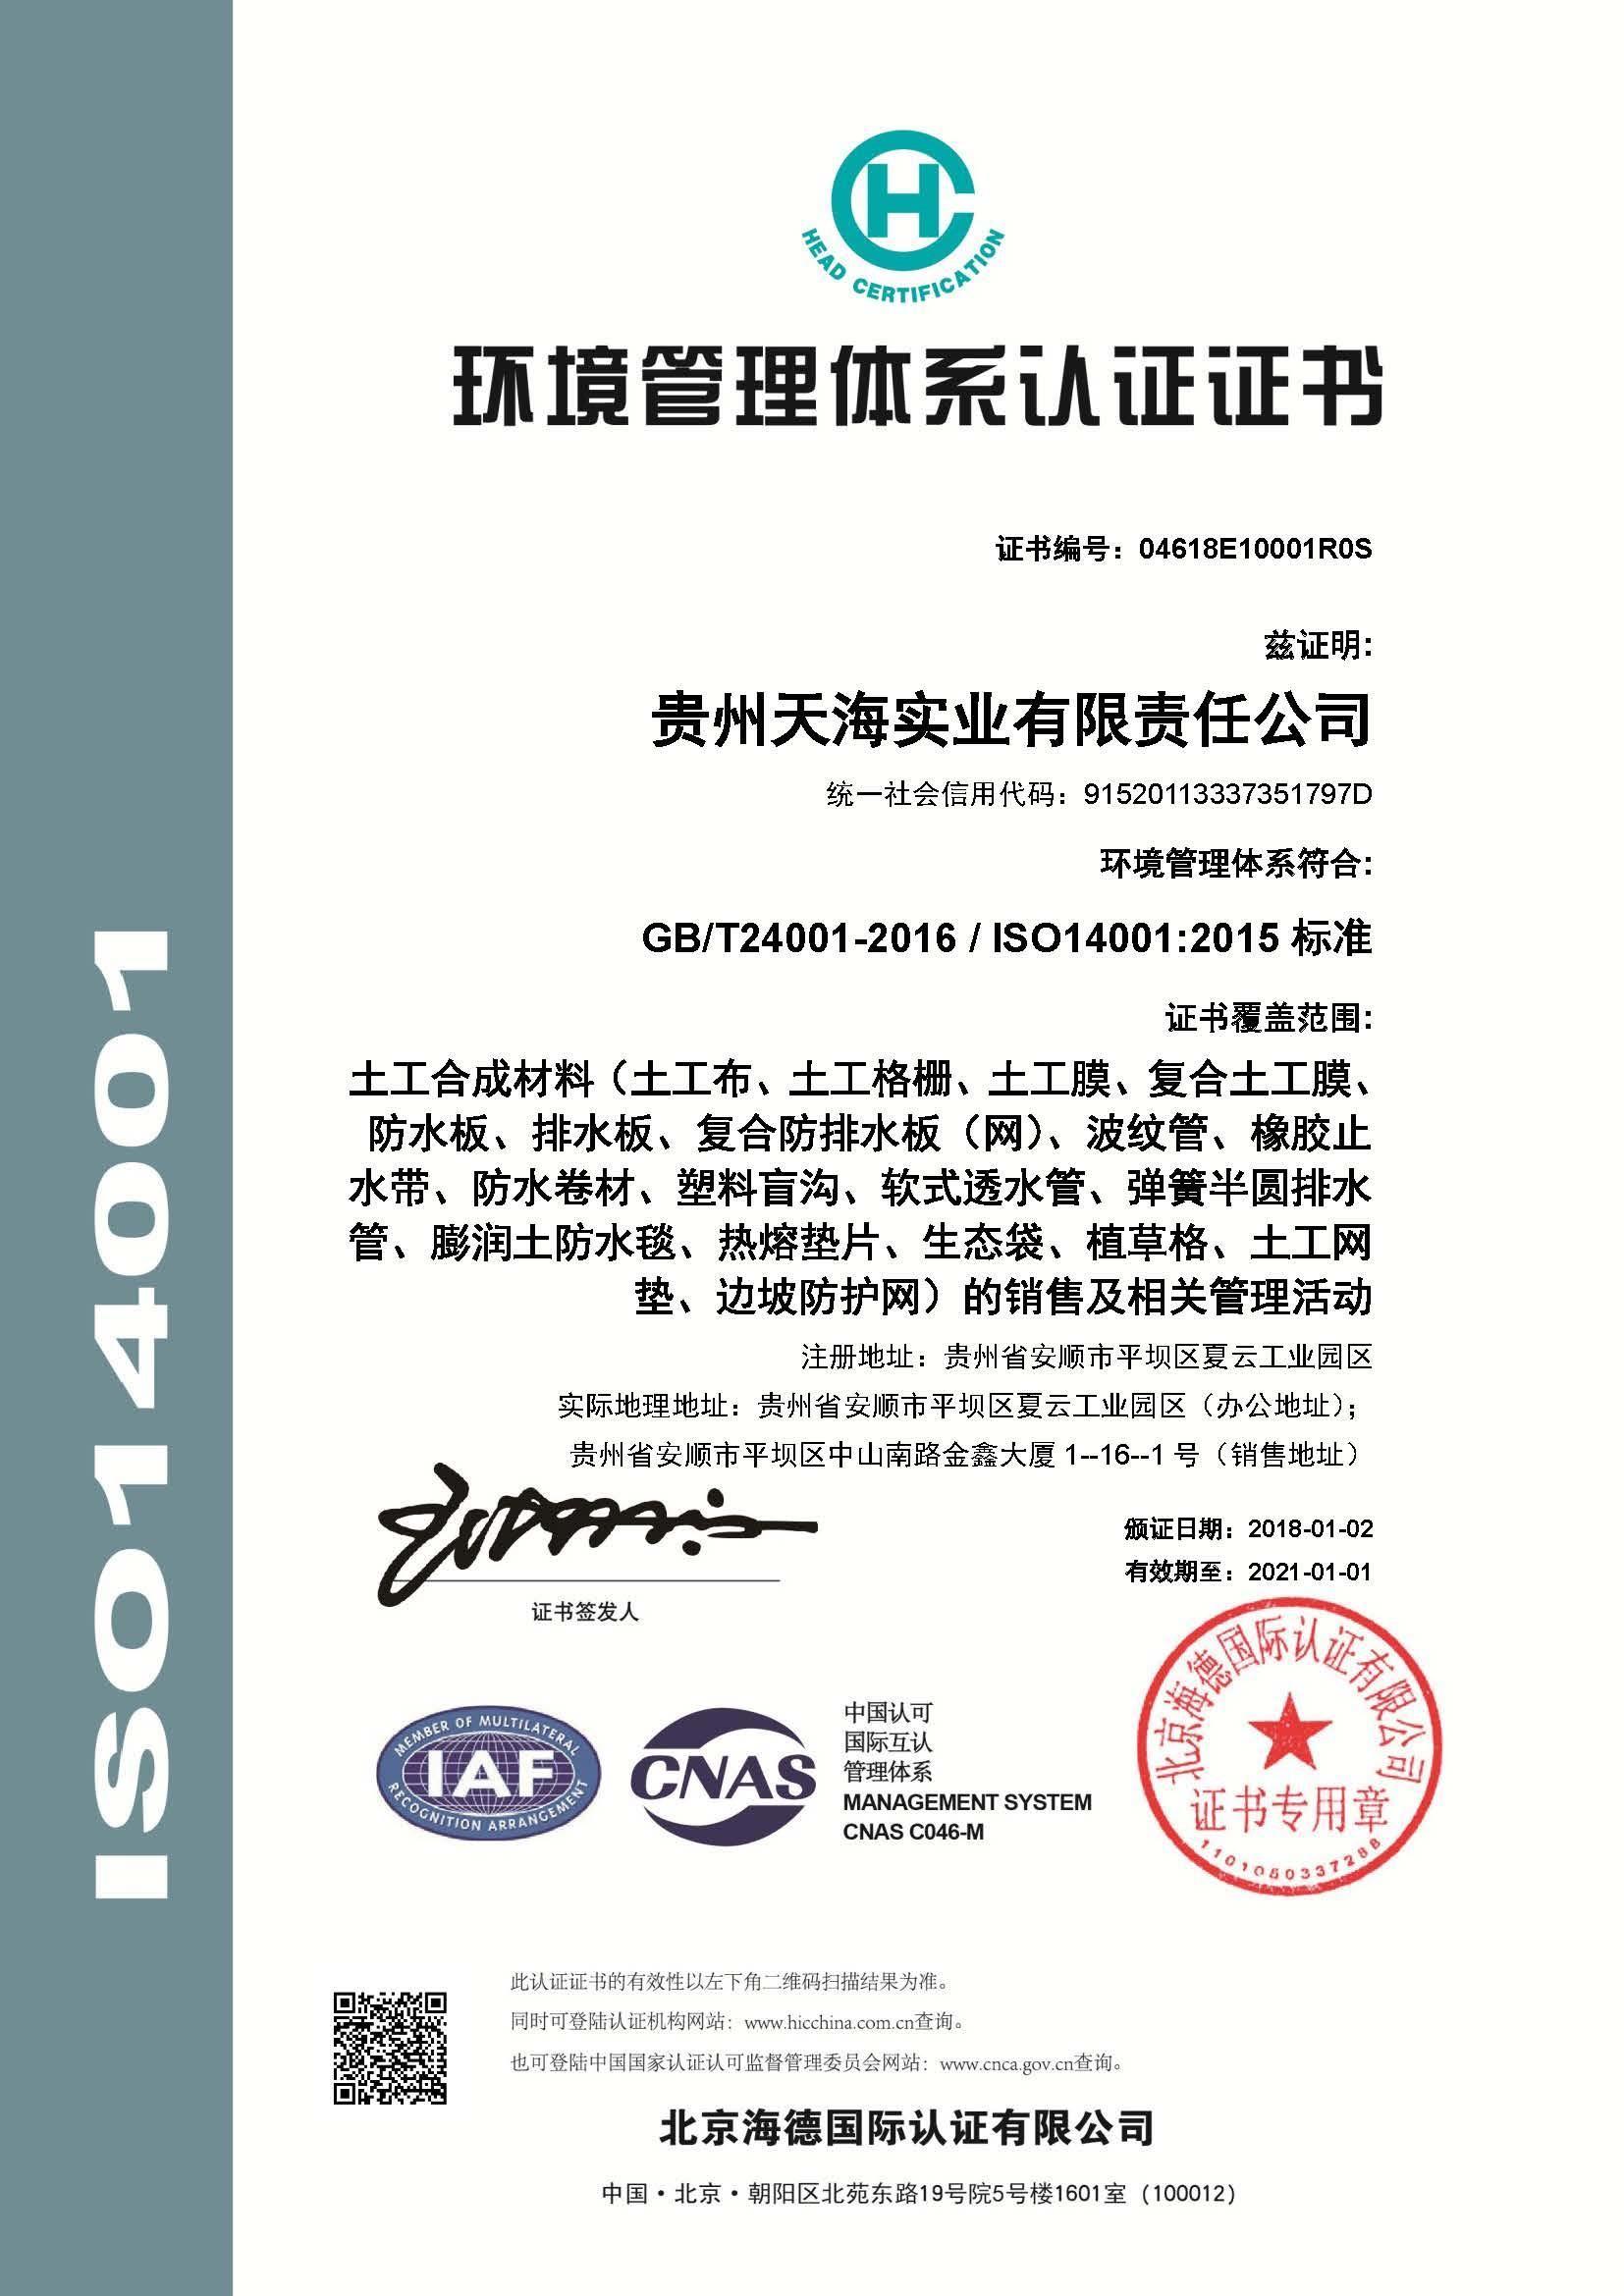 【天海】环境管理体系认证